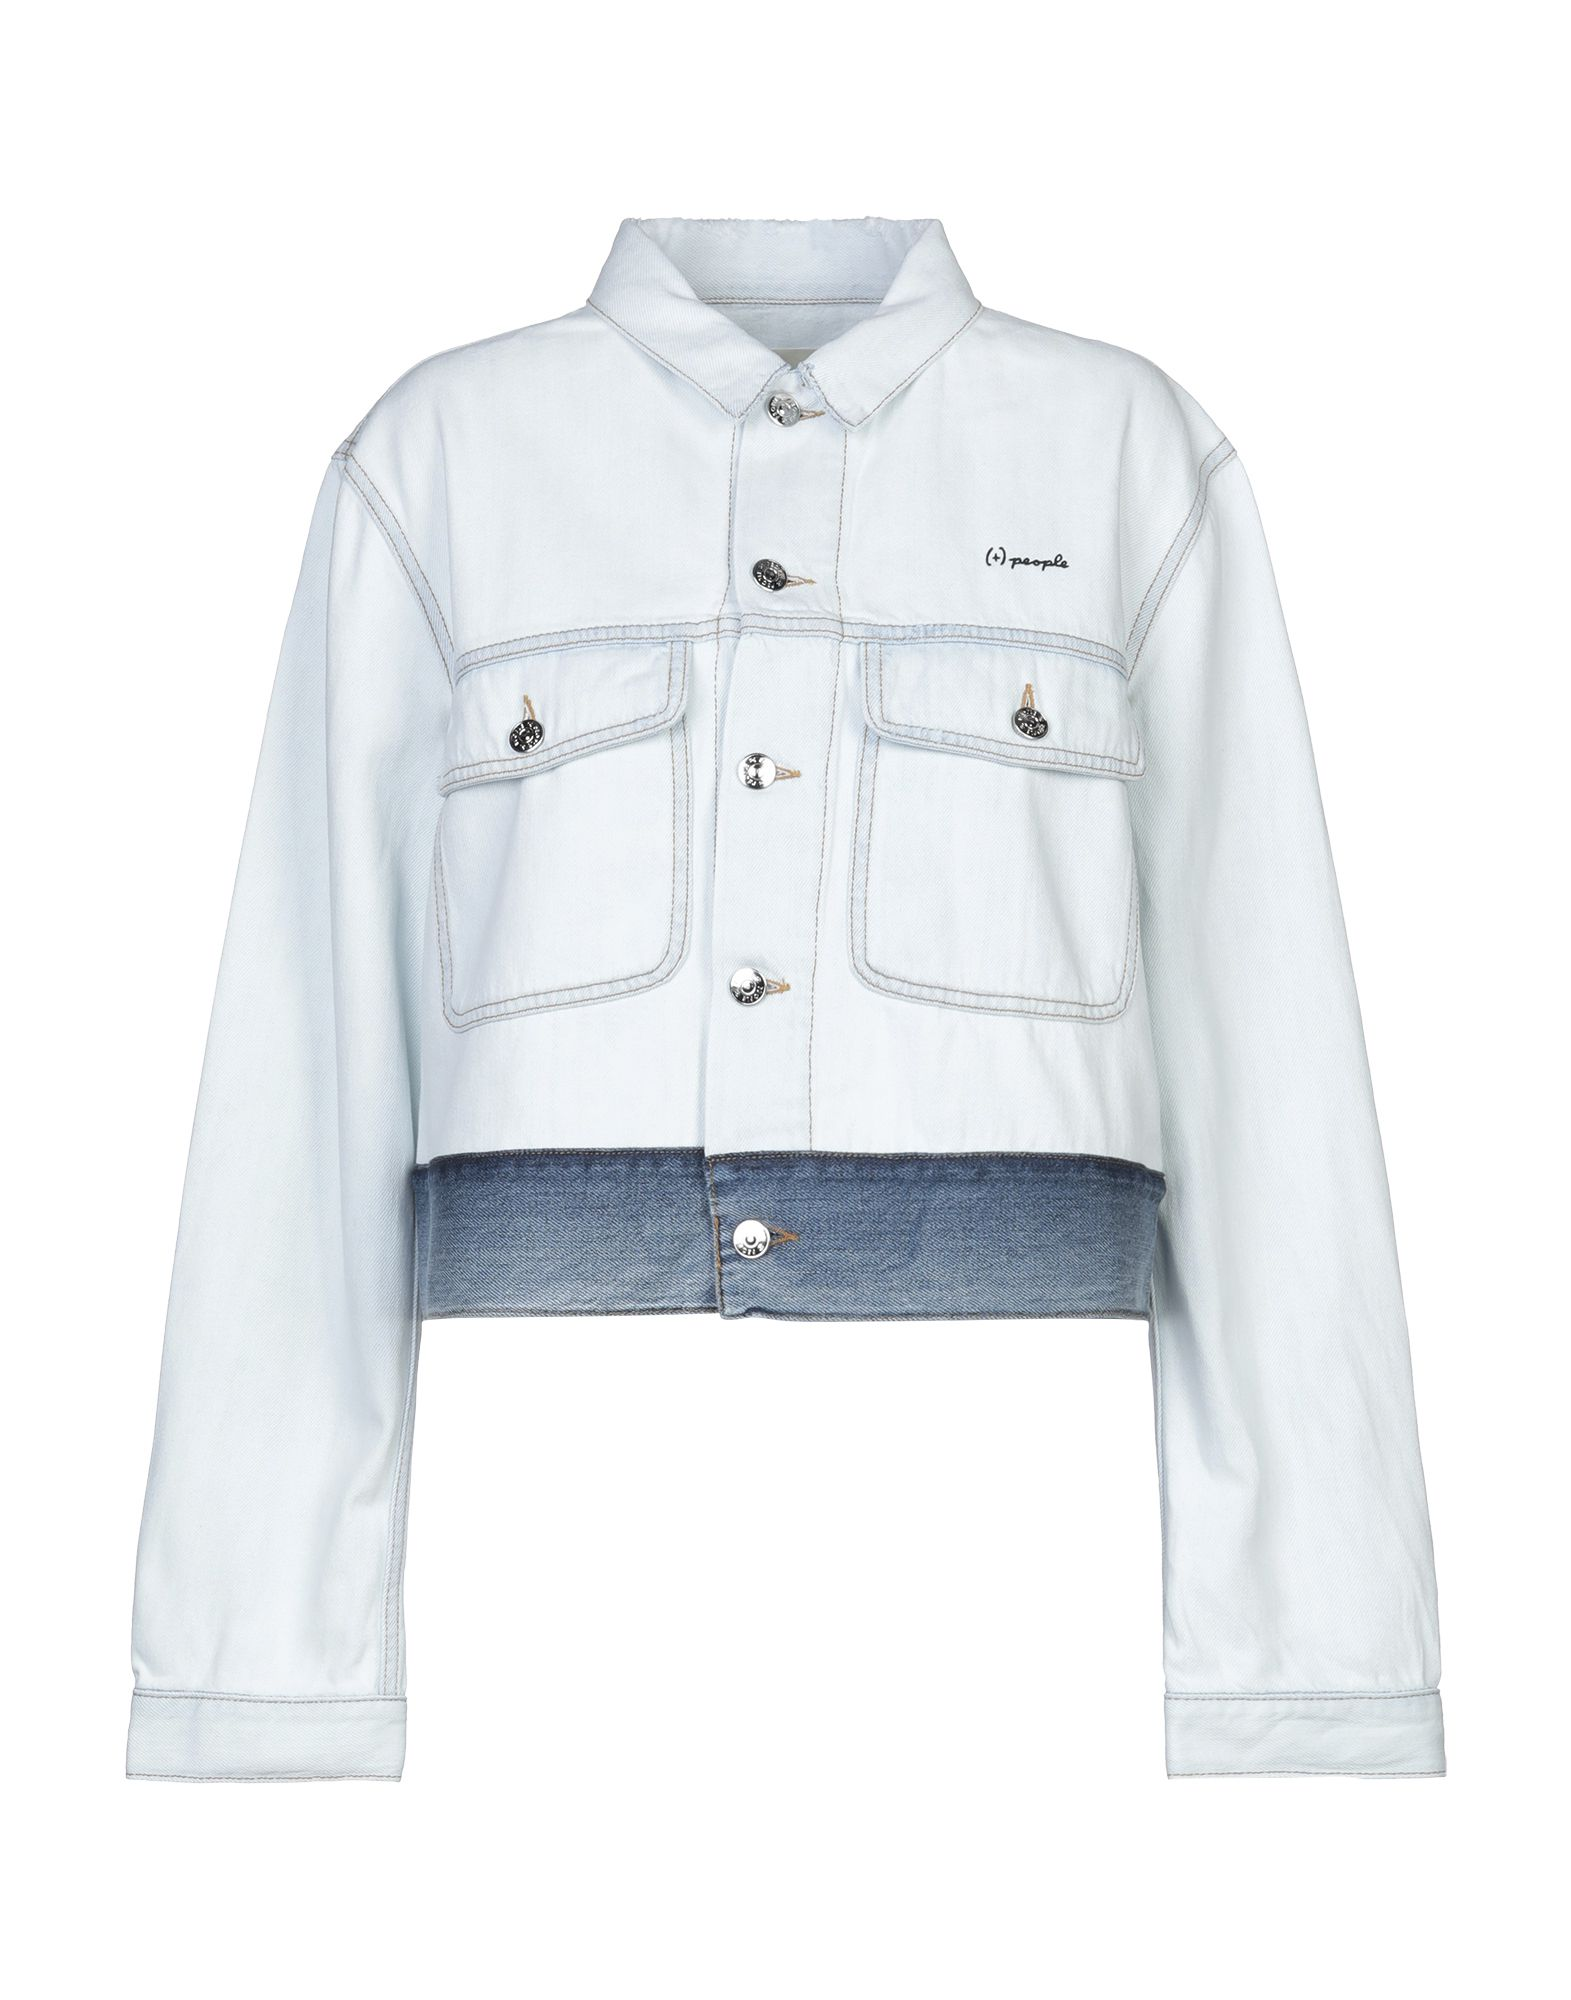 (+) PEOPLE Джинсовая верхняя одежда